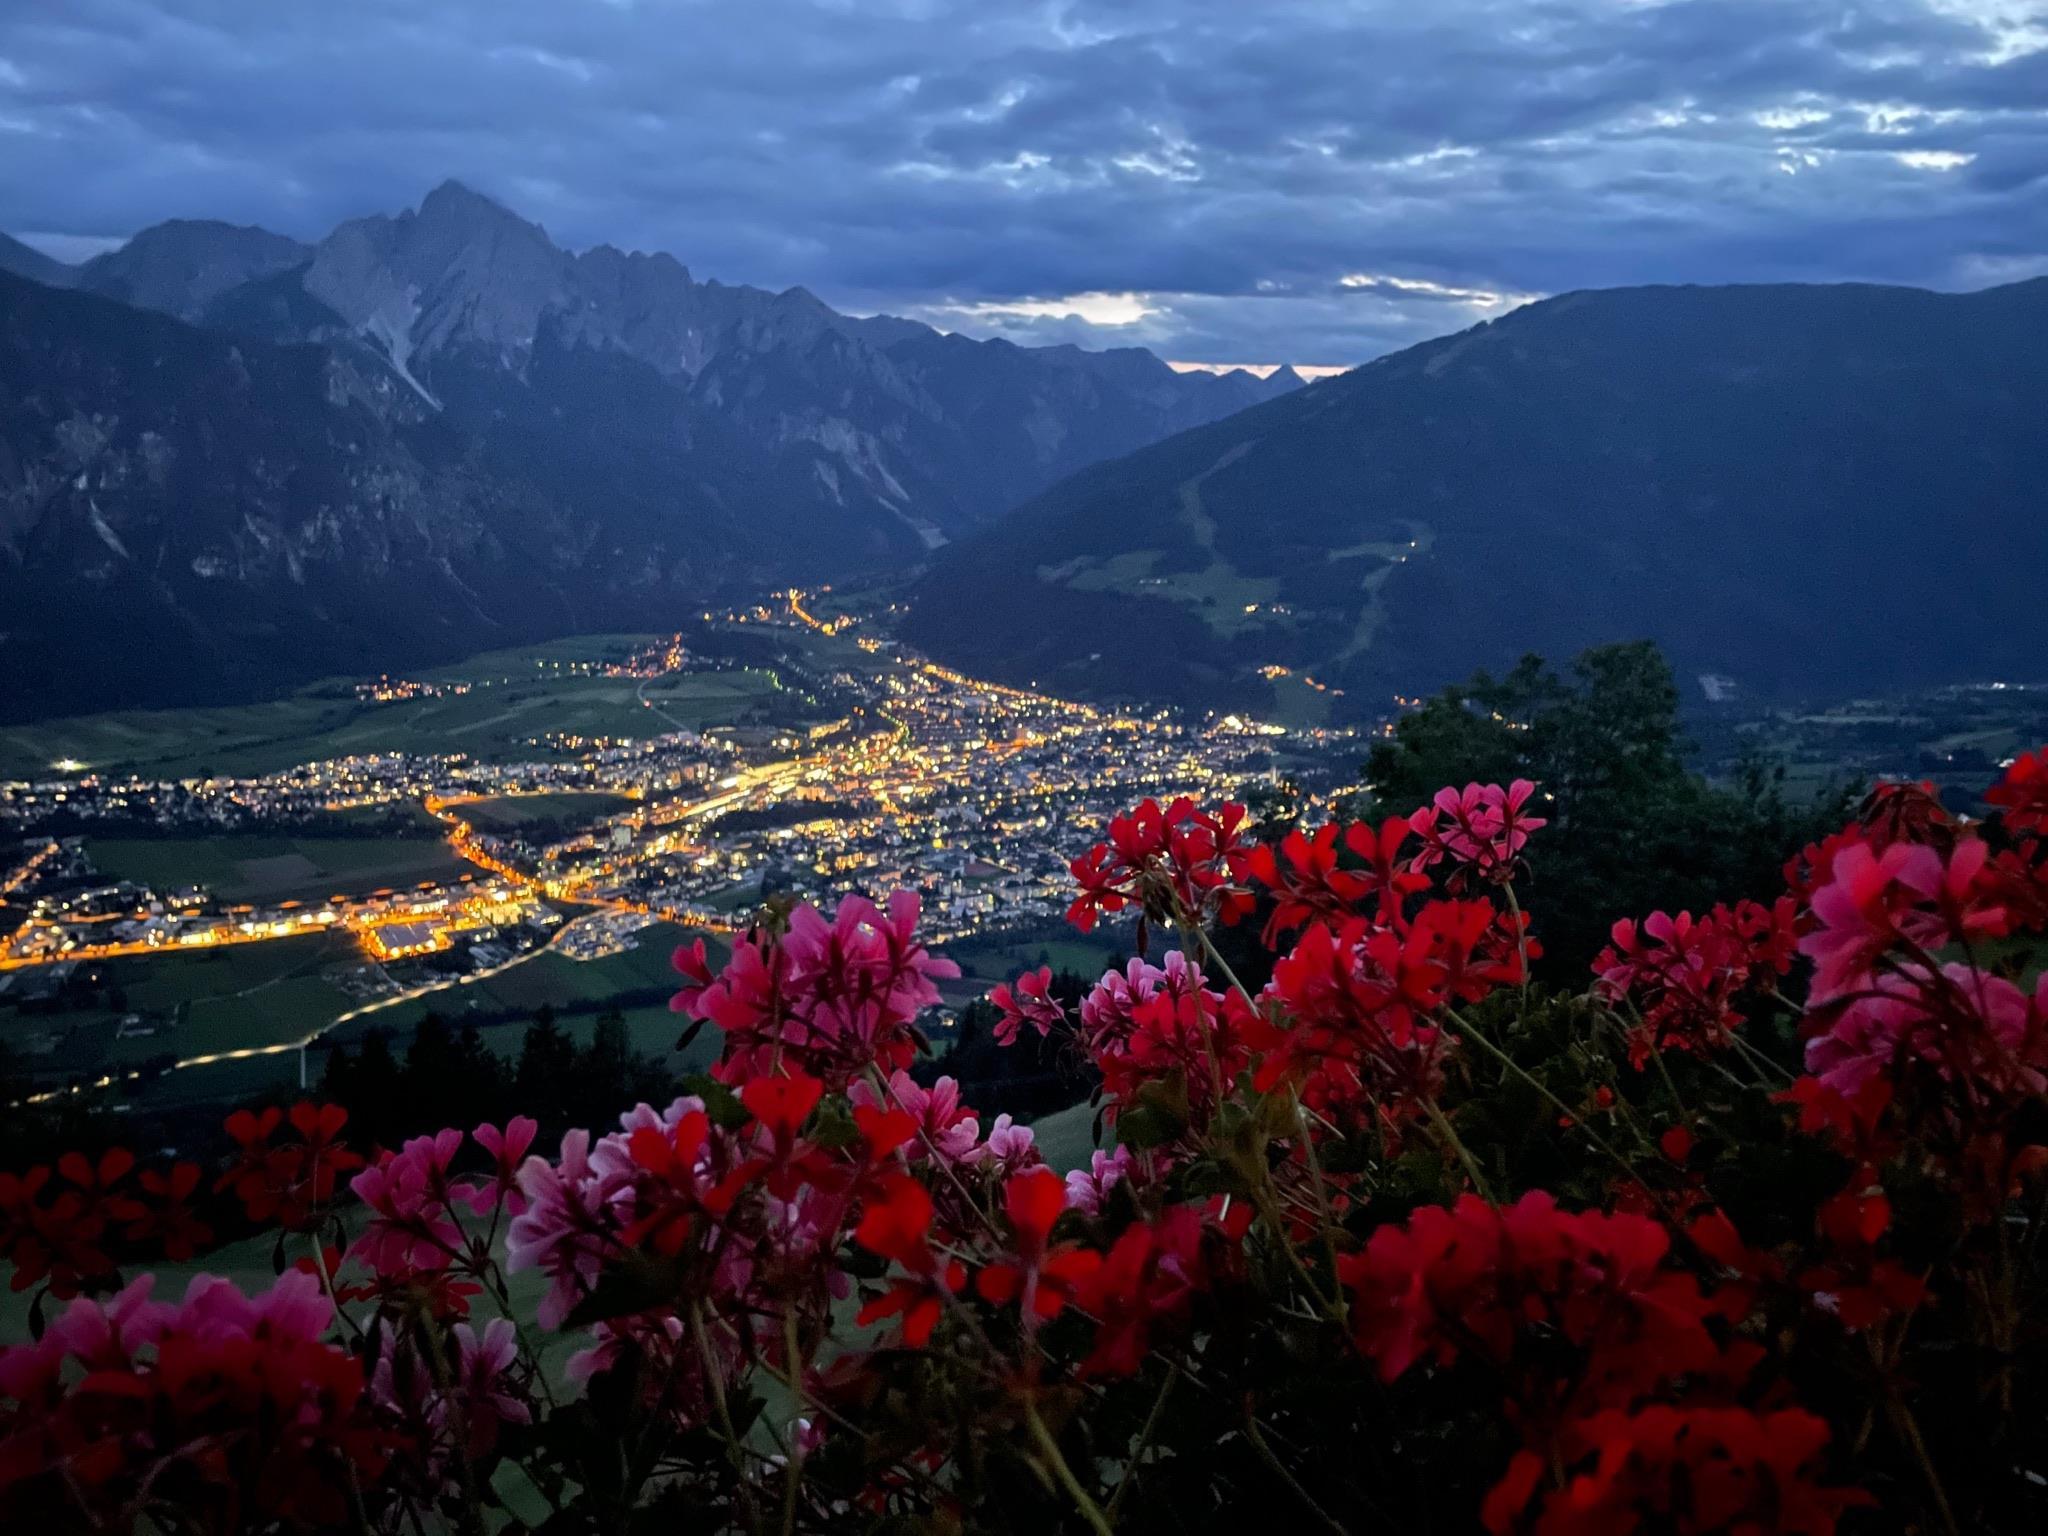 Blick-auf-die-Lienzer-Dolomiten.jpeg